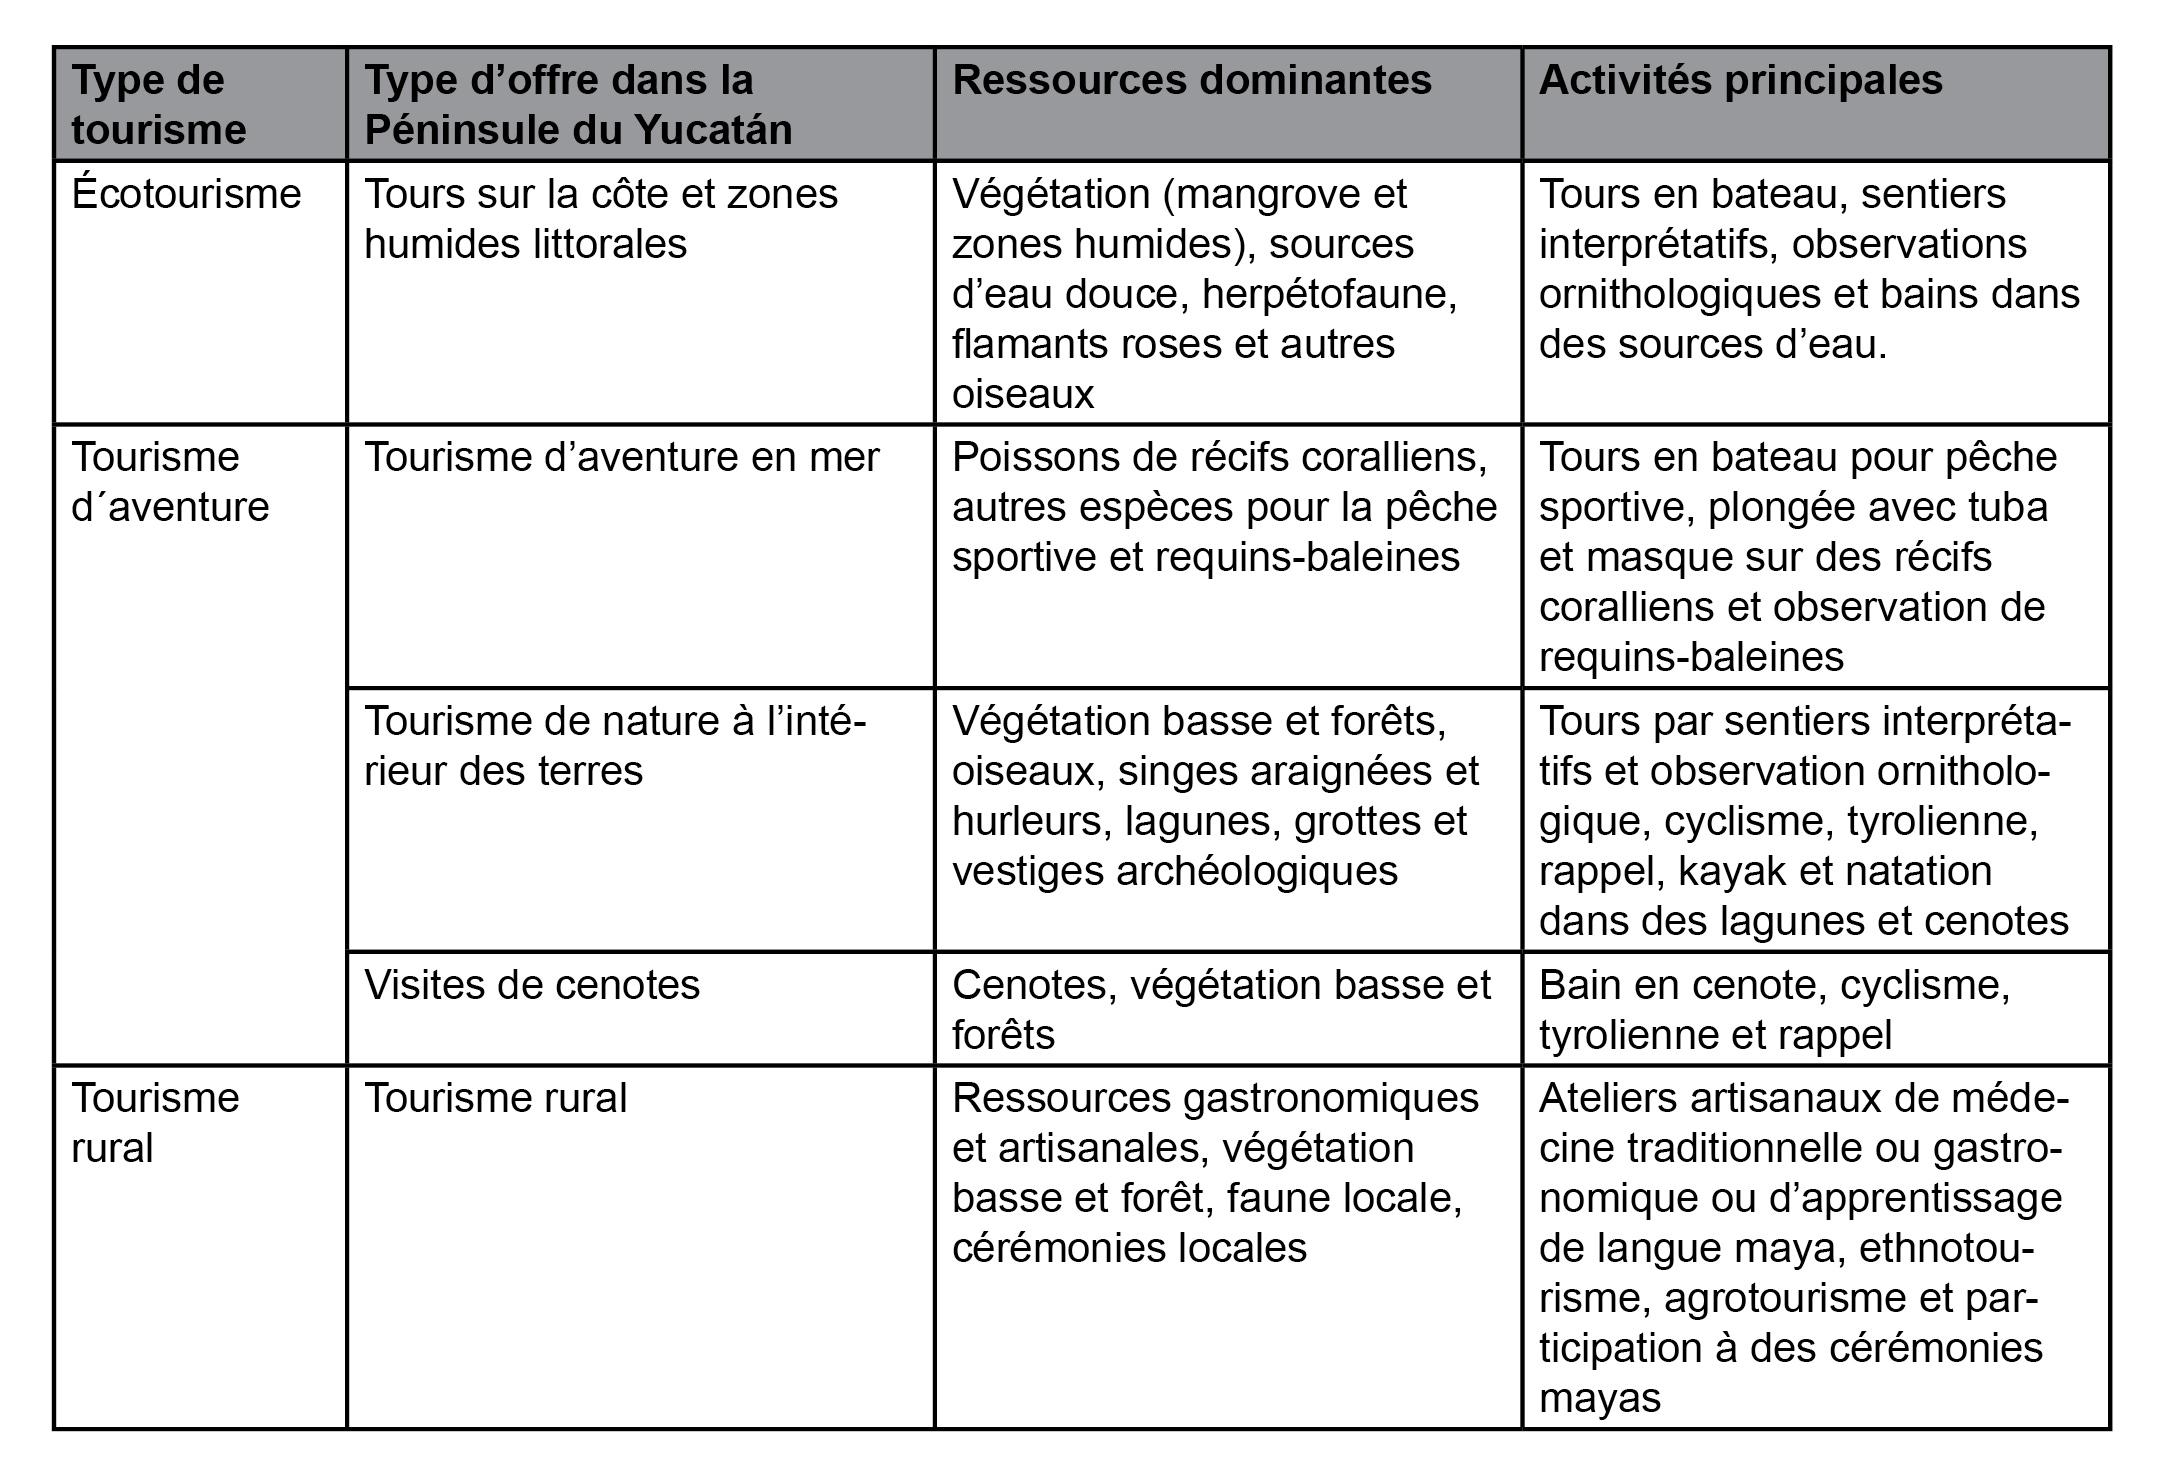 Tourisme alternatif et sites archéologiques dans le Yucatan